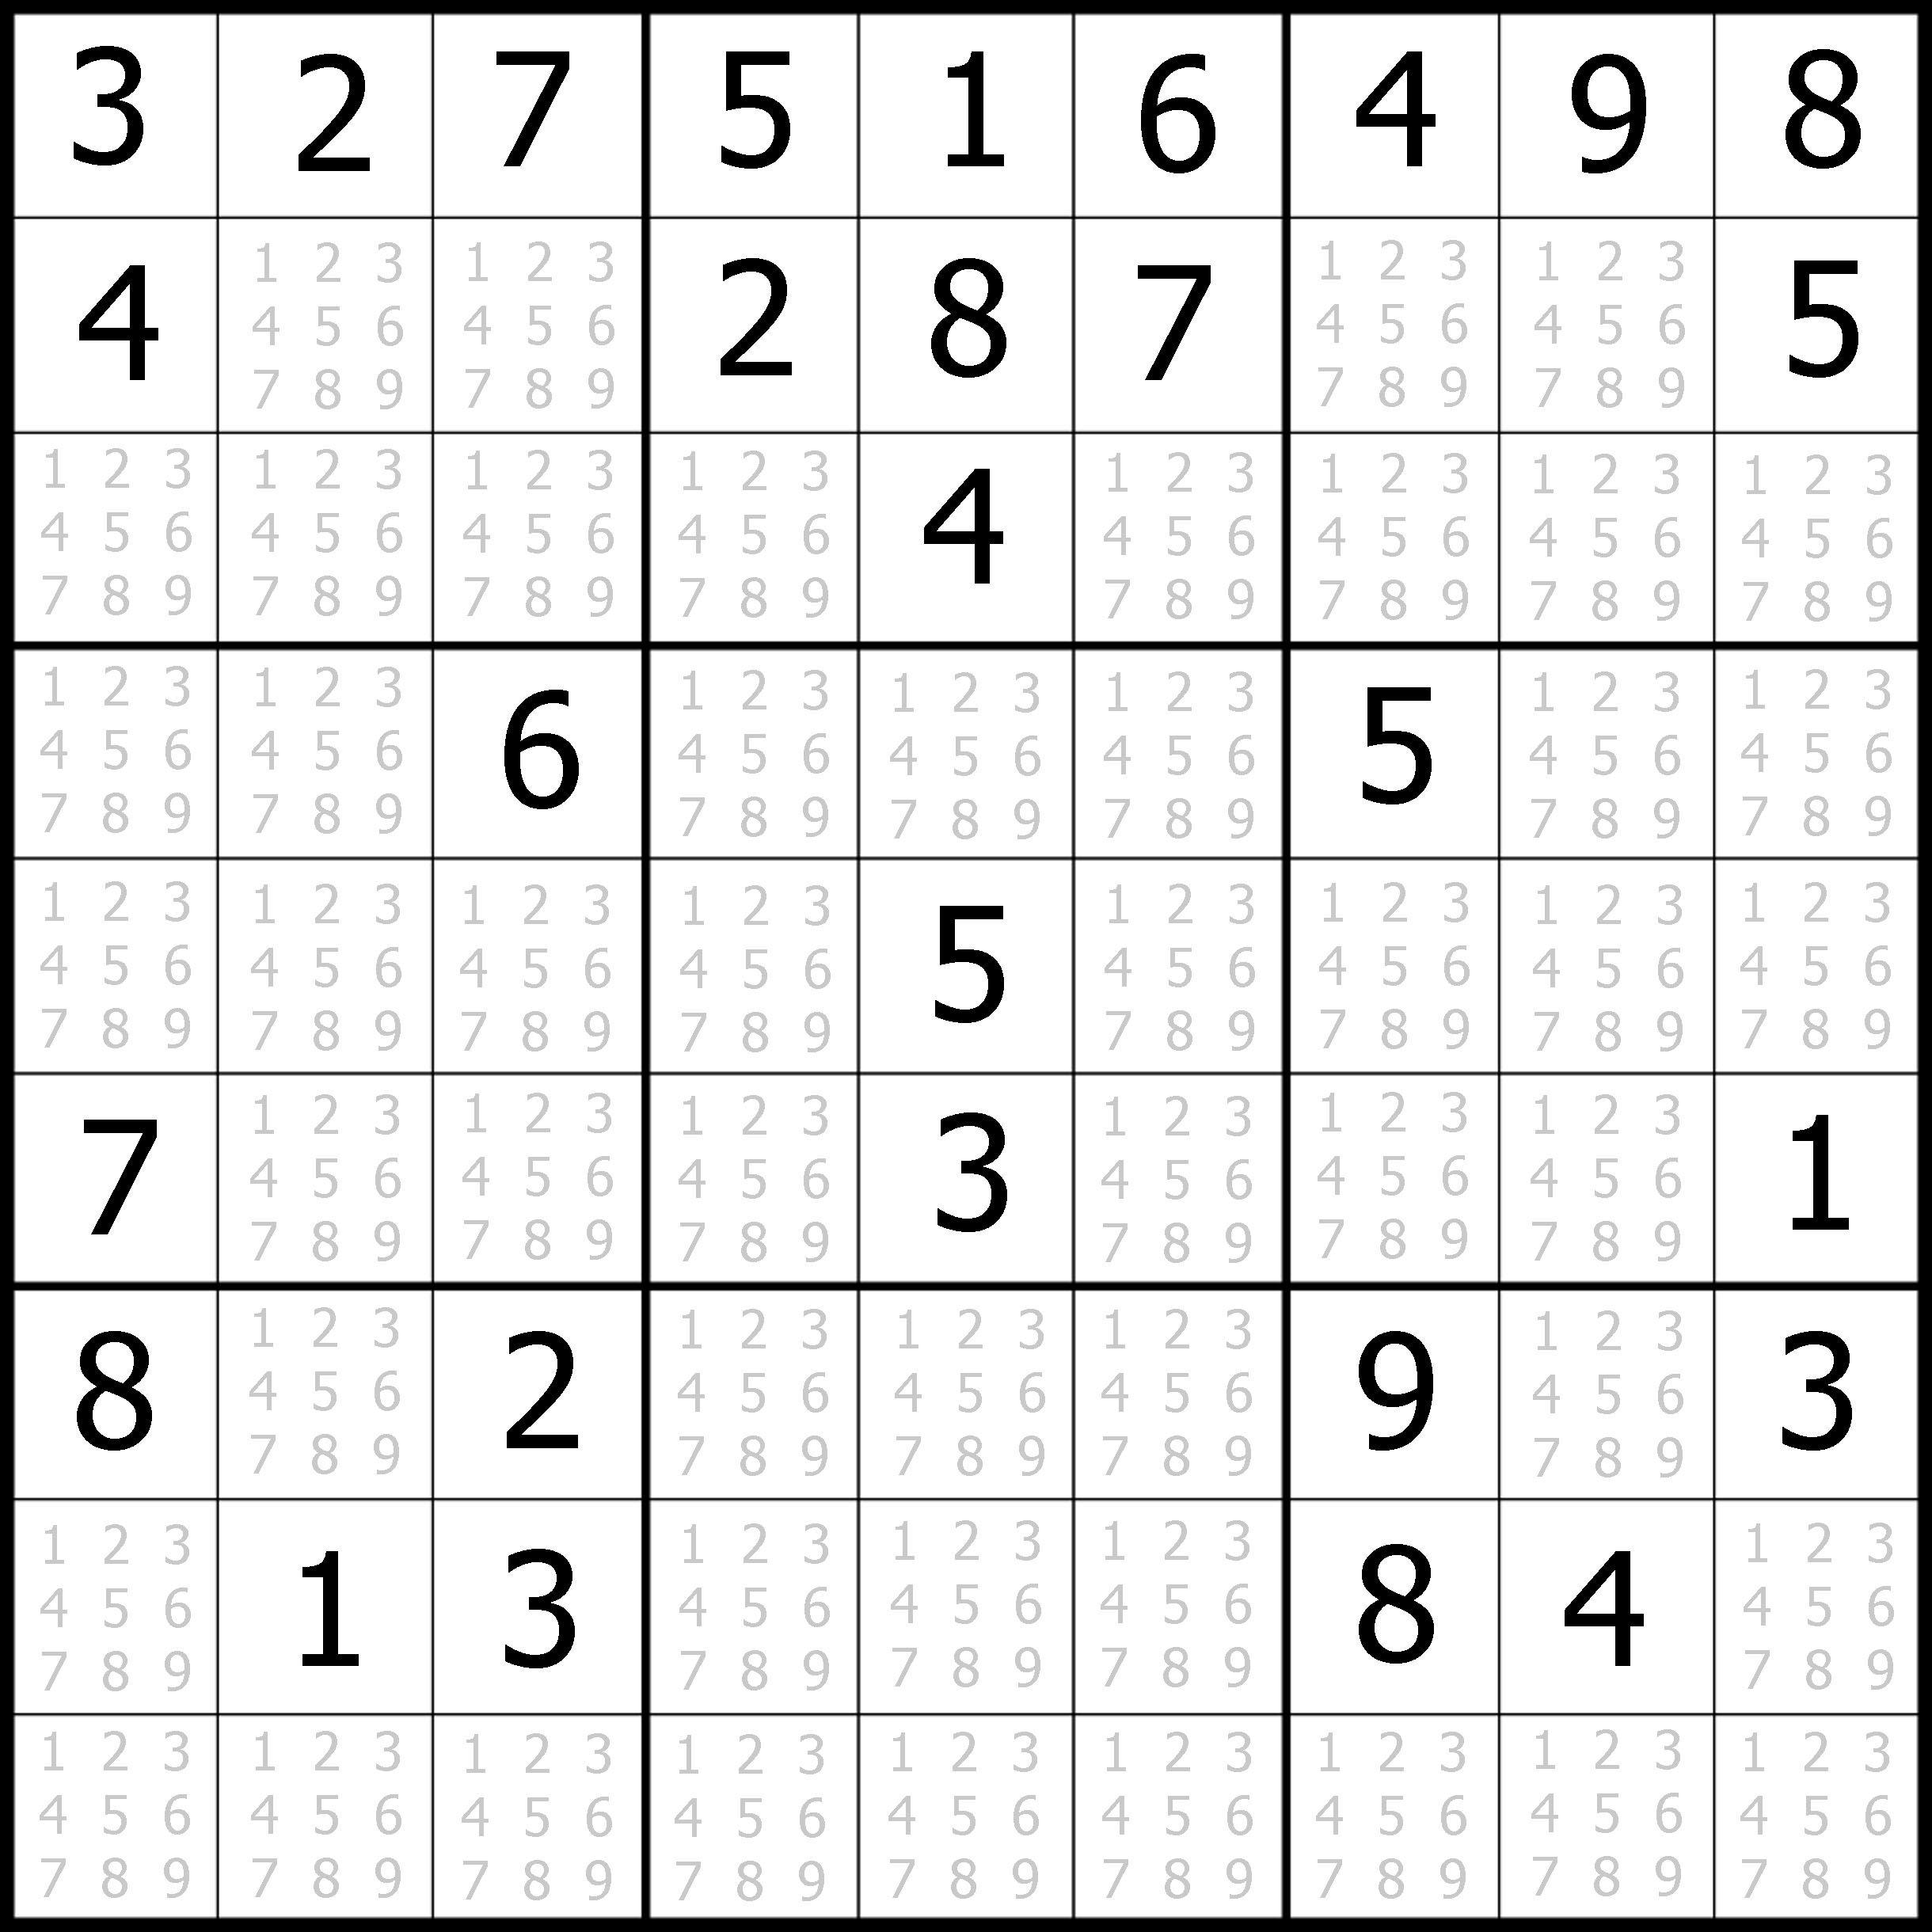 Sudoku Printable | Free, Medium, Printable Sudoku Puzzle #1 | My - Printable Sudoku Puzzles For 5Th Grade